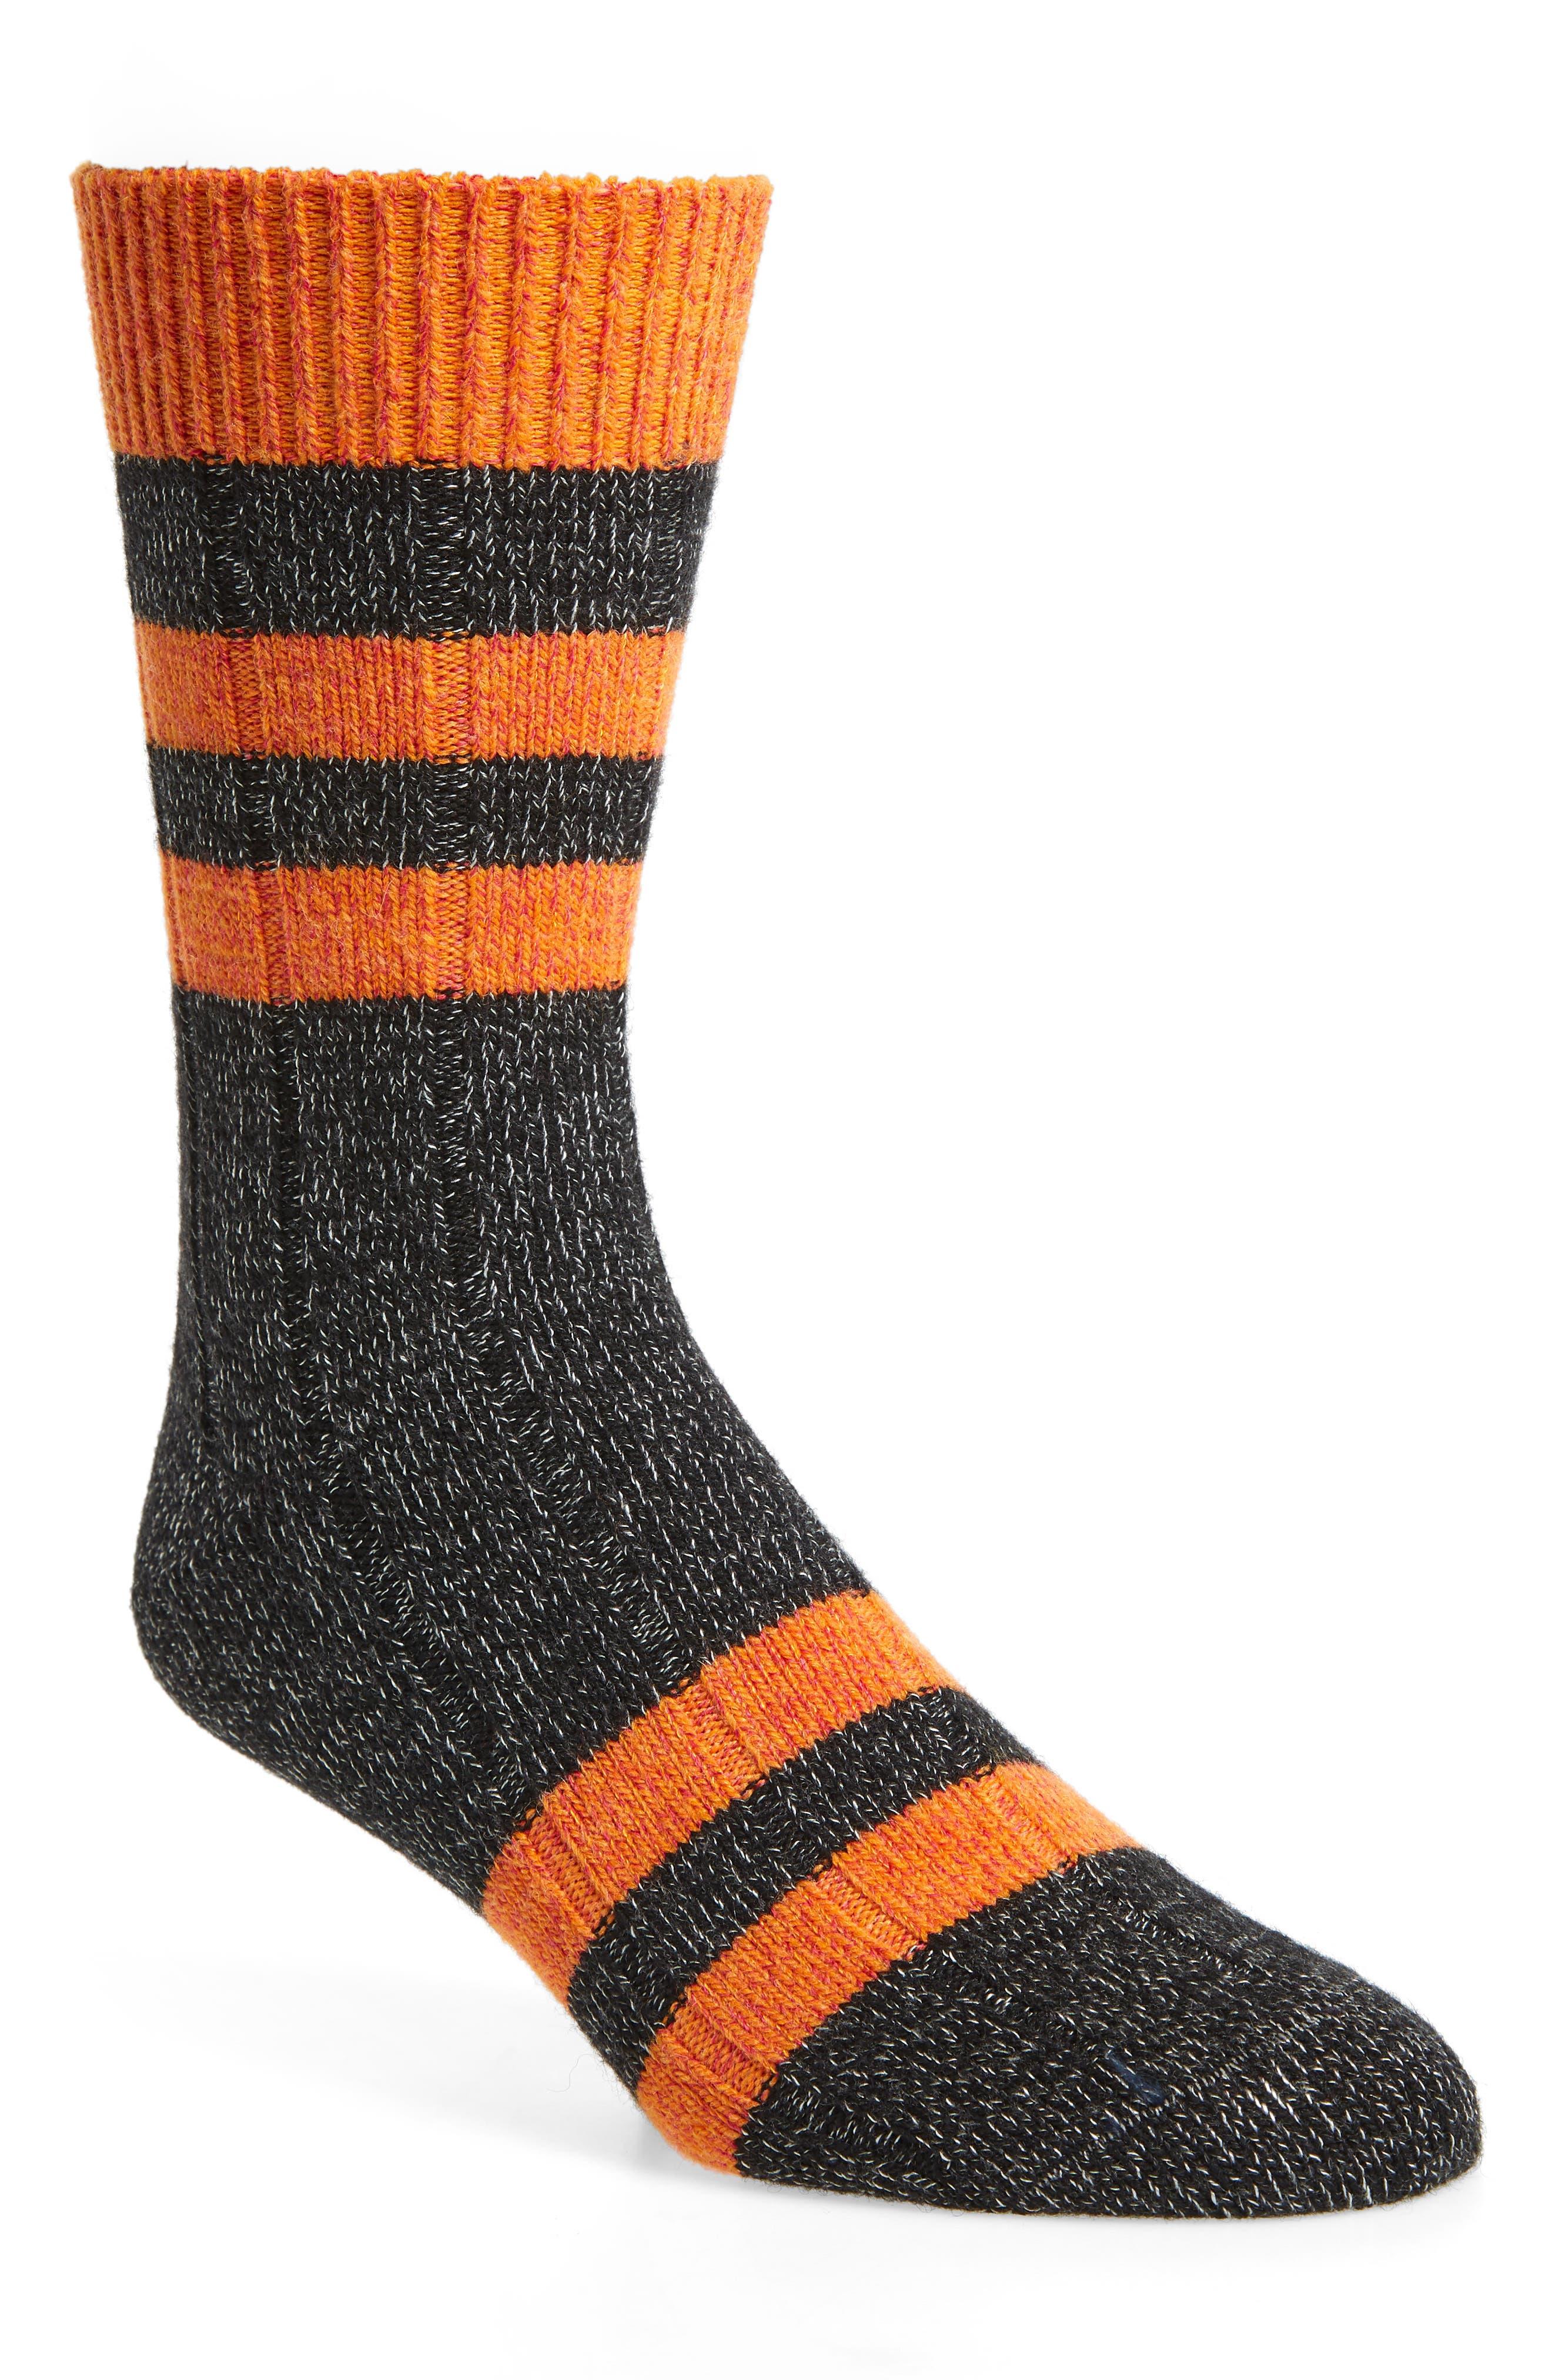 HAPPY SOCKS Thick Stripe Socks in Black